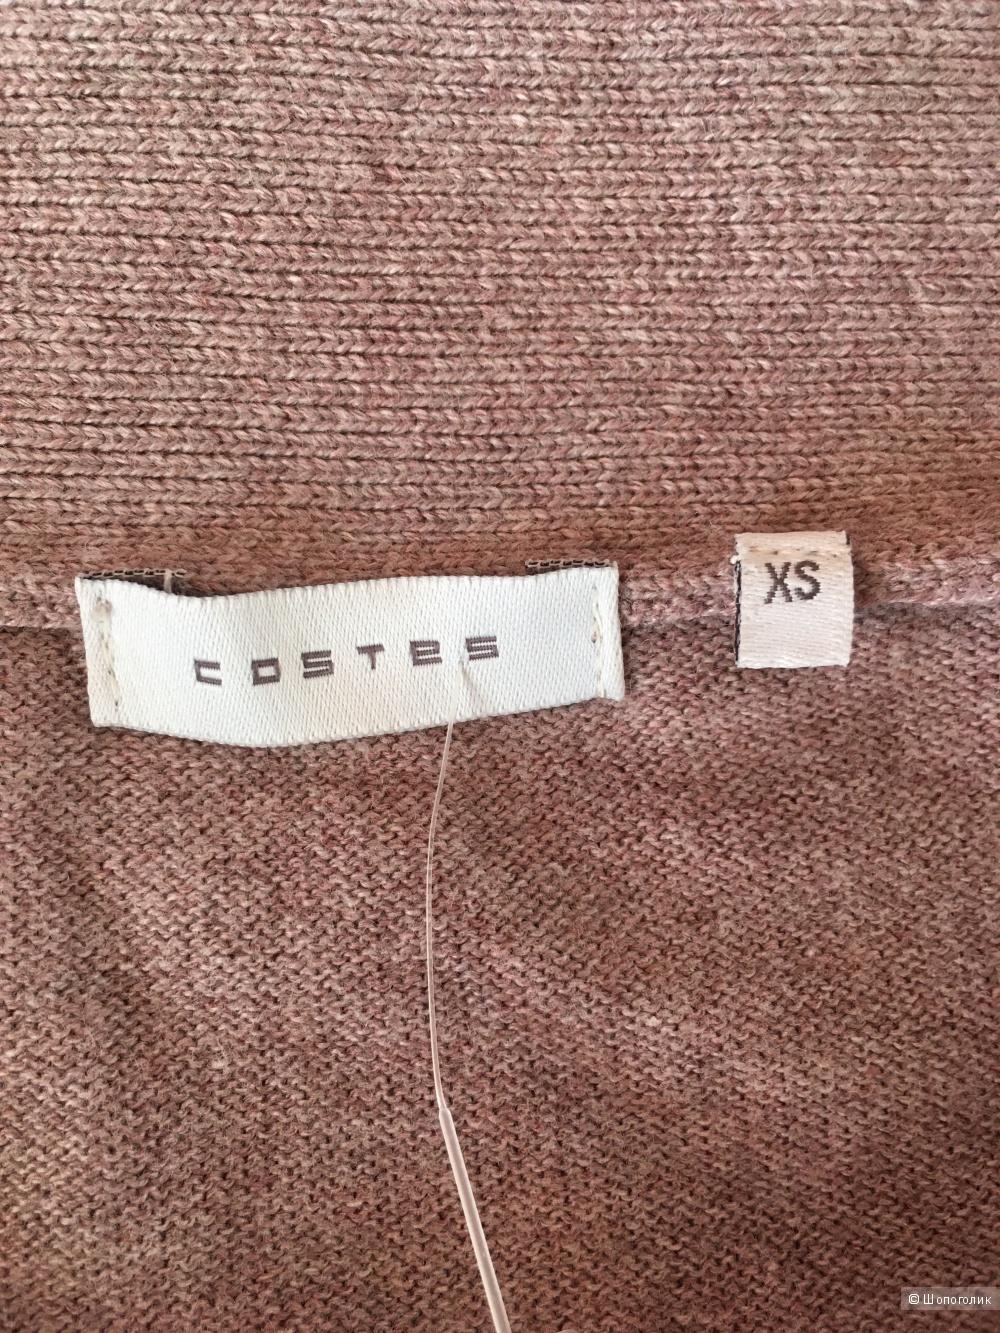 Длинный кардиган/туника Costes, размер XS